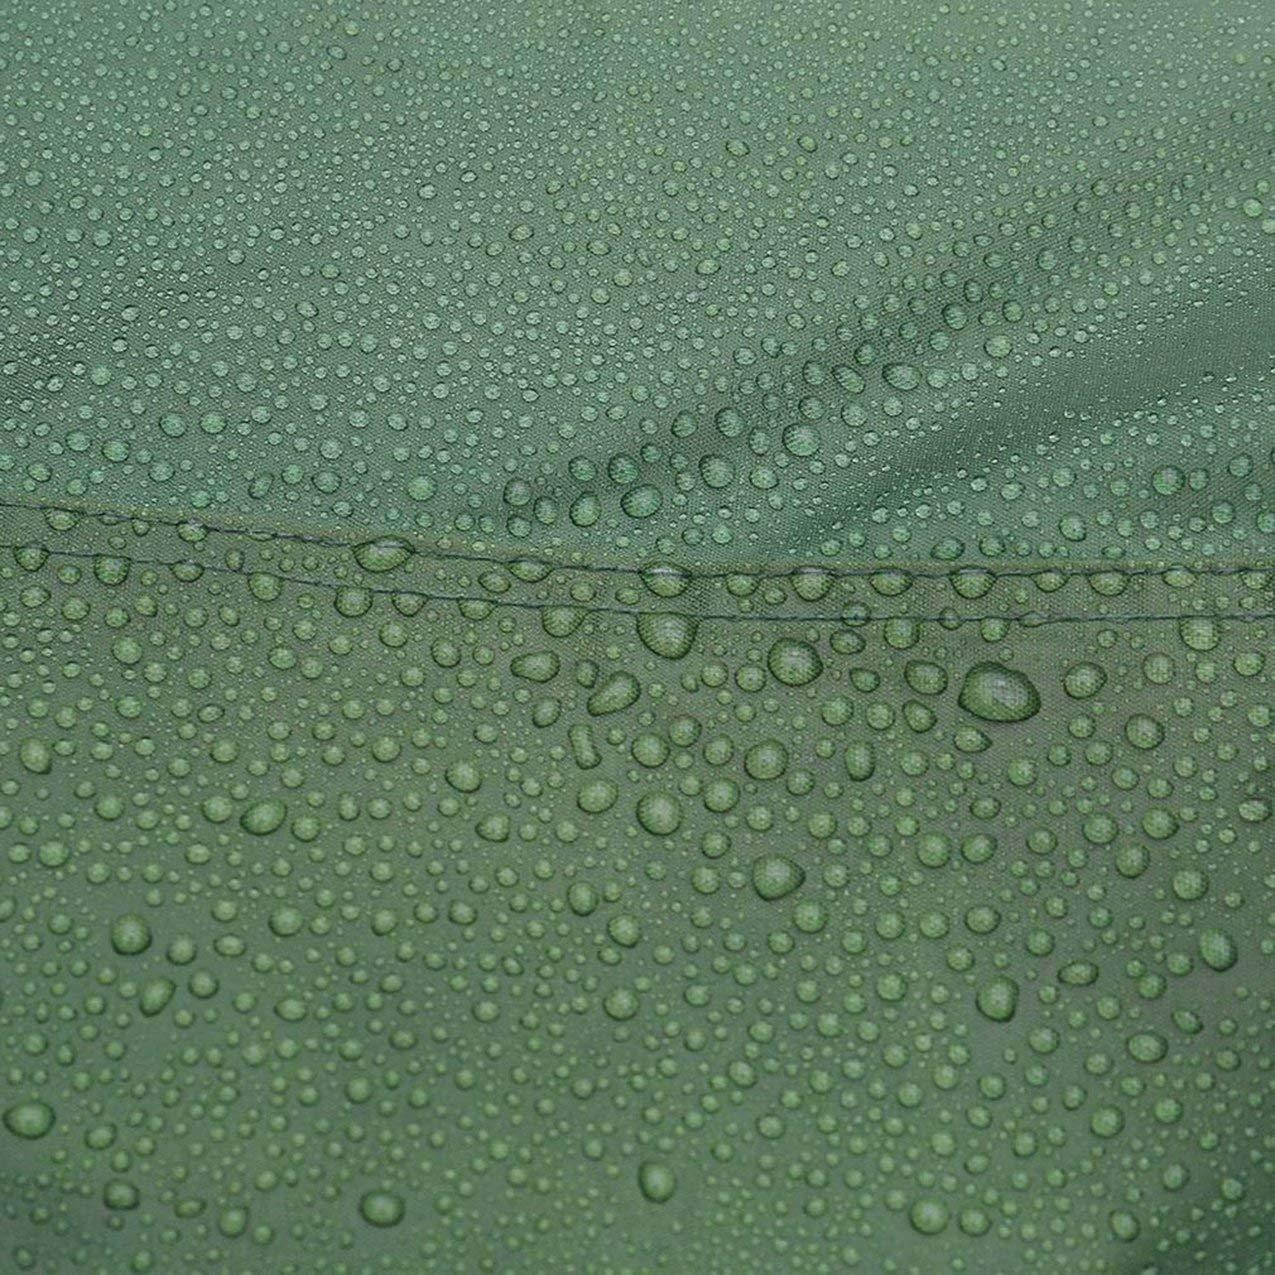 Compact Taille Imperm/éable /À leau Camping B/âche pour Picnics Tente Parasol 210D Oxford Tissu Sun Shelter en Plein Air Camping Tapis Redstrong Camping Tarp